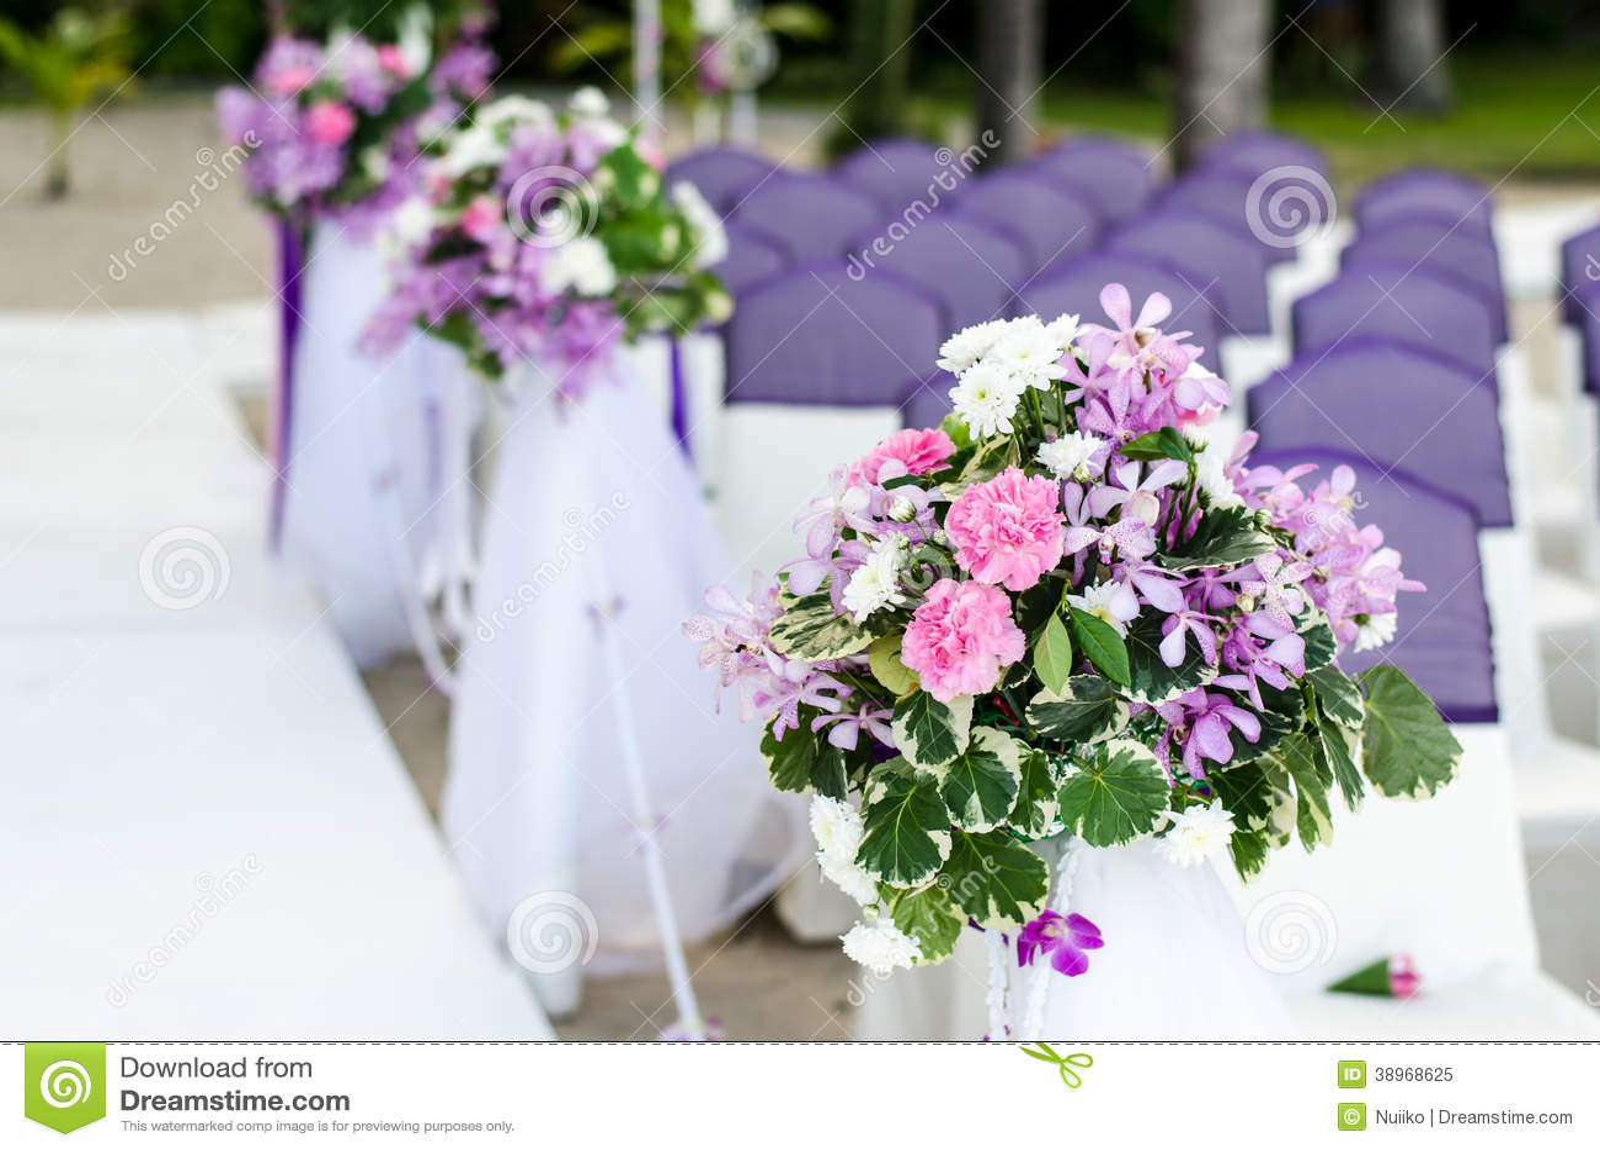 Dekoration Von Hochzeitsblumen Stockbild Bild Von Valentines